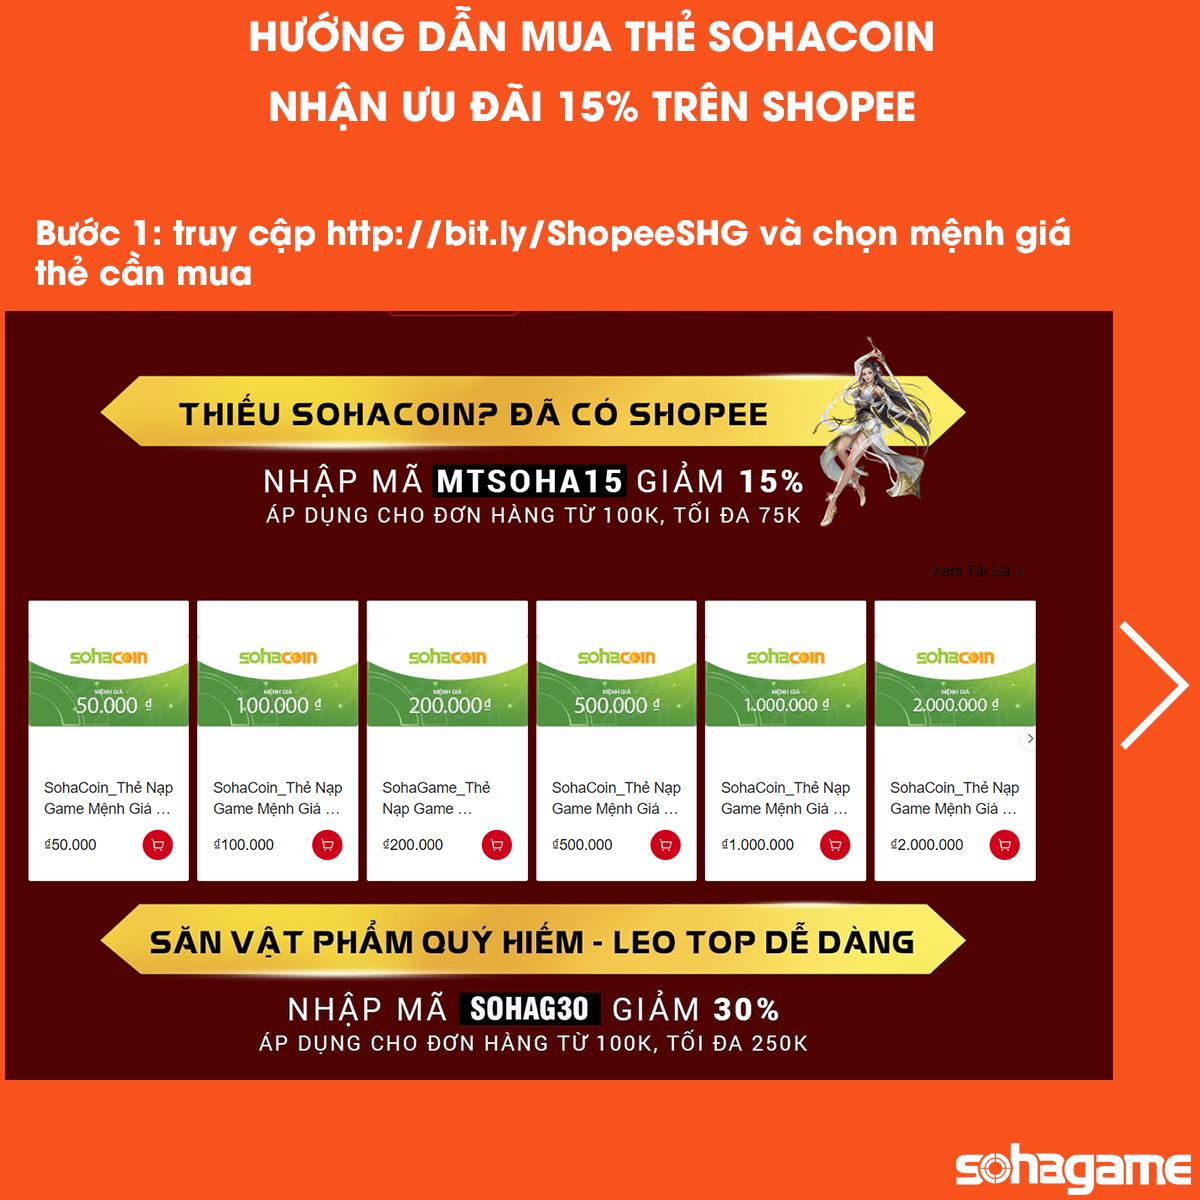 GIẢM 15% KHI MUA THẺ SOHACOIN TRÊN SHOPEE - 3